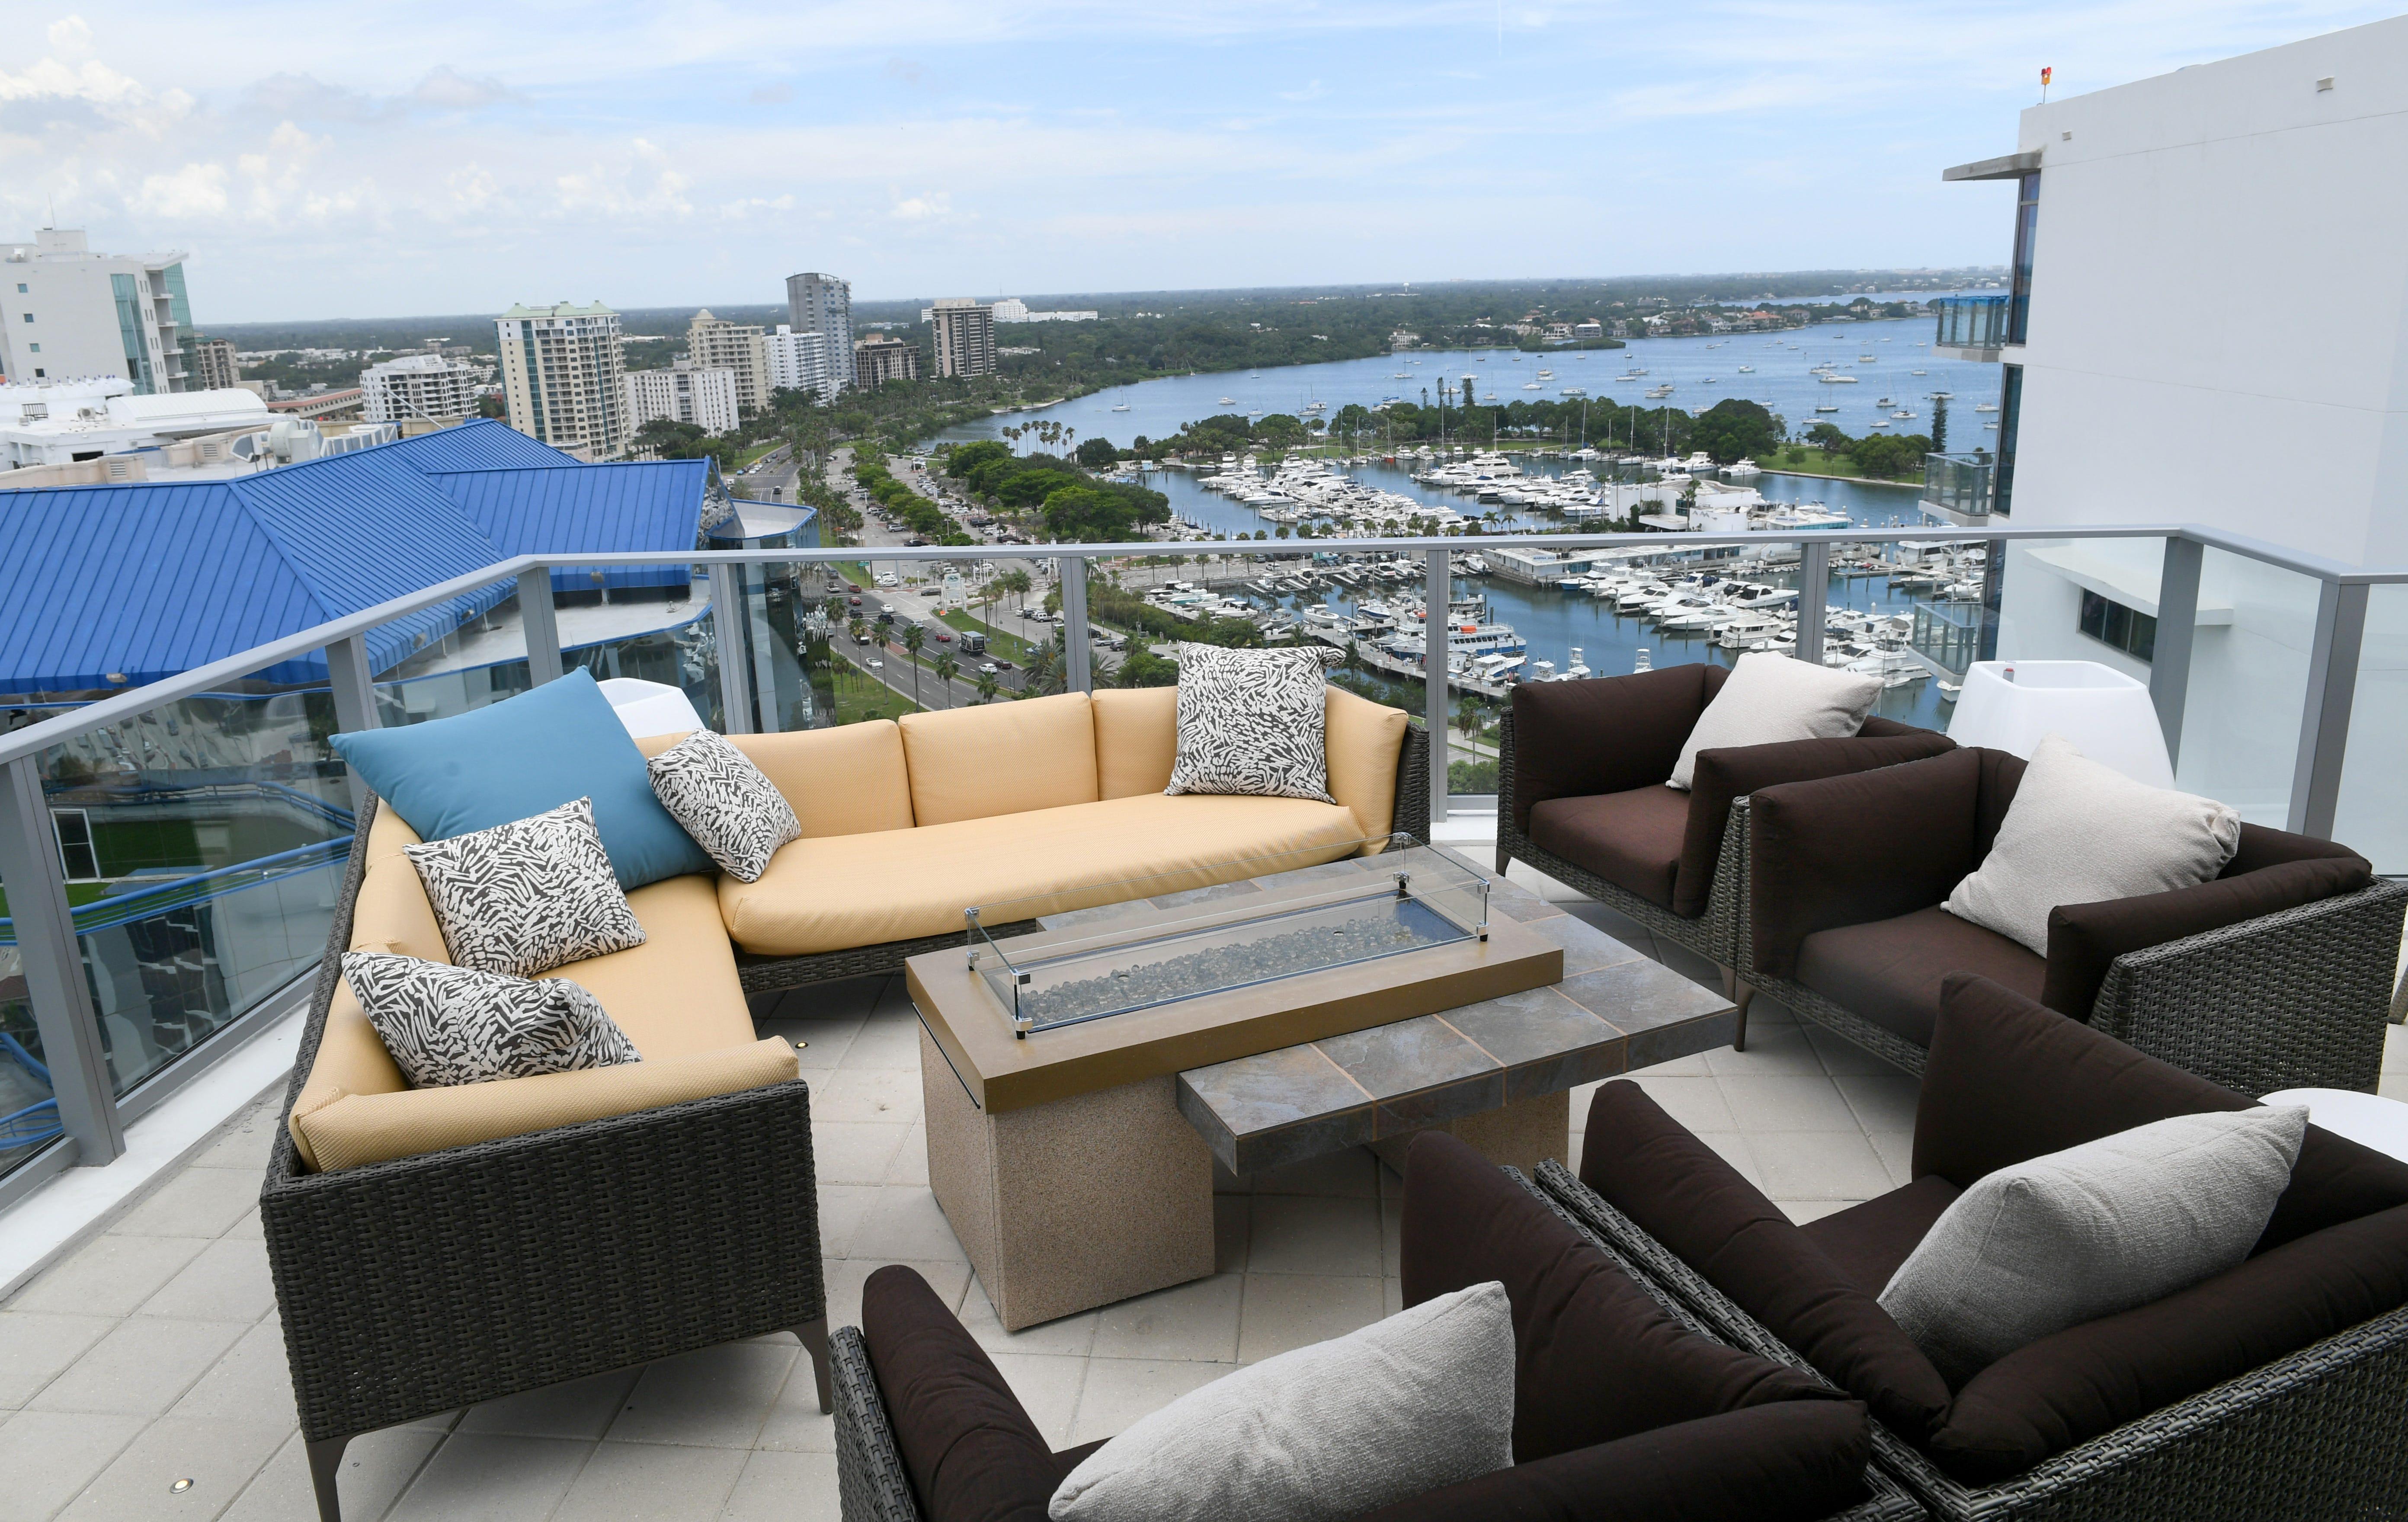 heraldtribune.com - Wade Tatangelo - The best rooftop bars and restaurants in Sarasota-Bradenton for drinks, food, amazing views